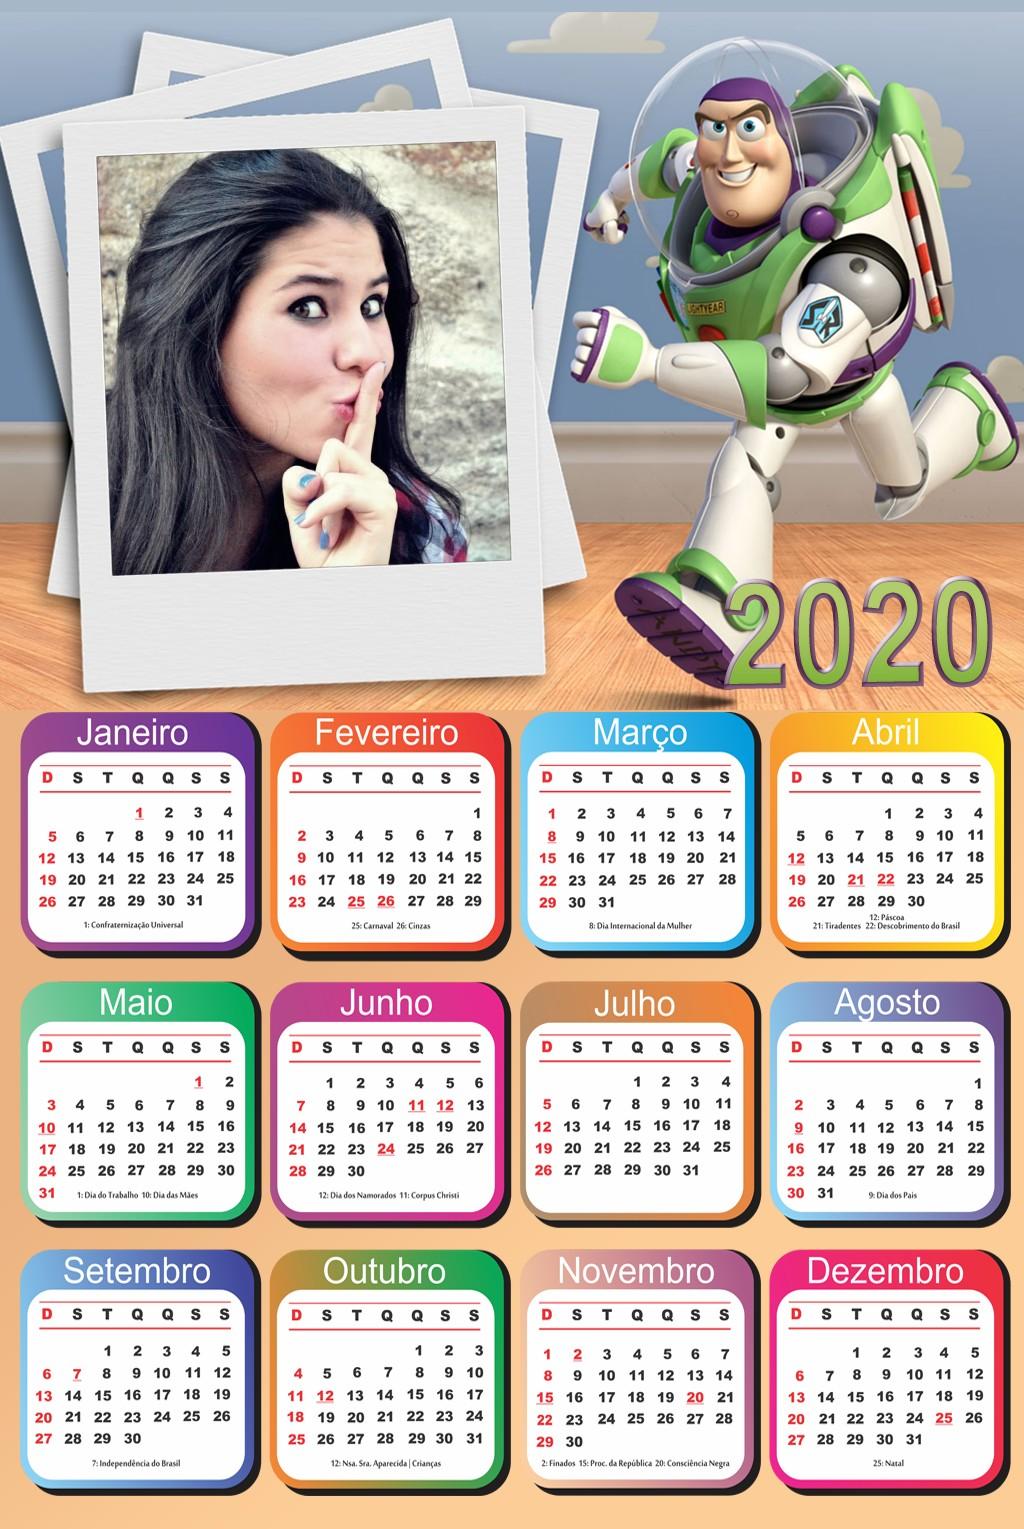 moldura-com-calendario-de-fotos-digital-2020-buzz-lightyear